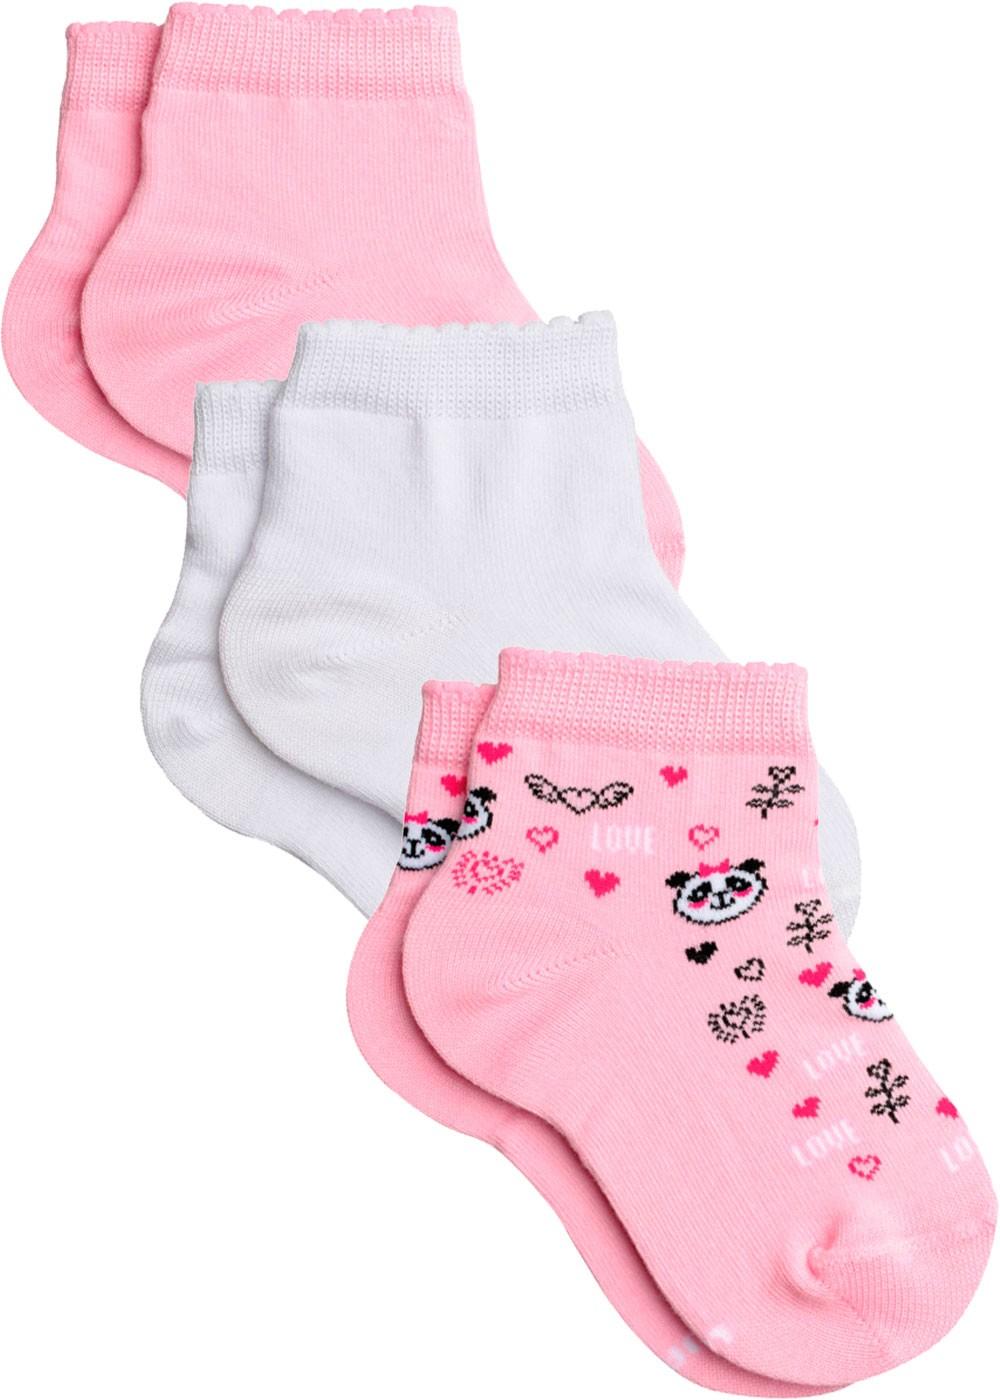 Kit com 3 Meia Infantil Feminina Panda Lupo